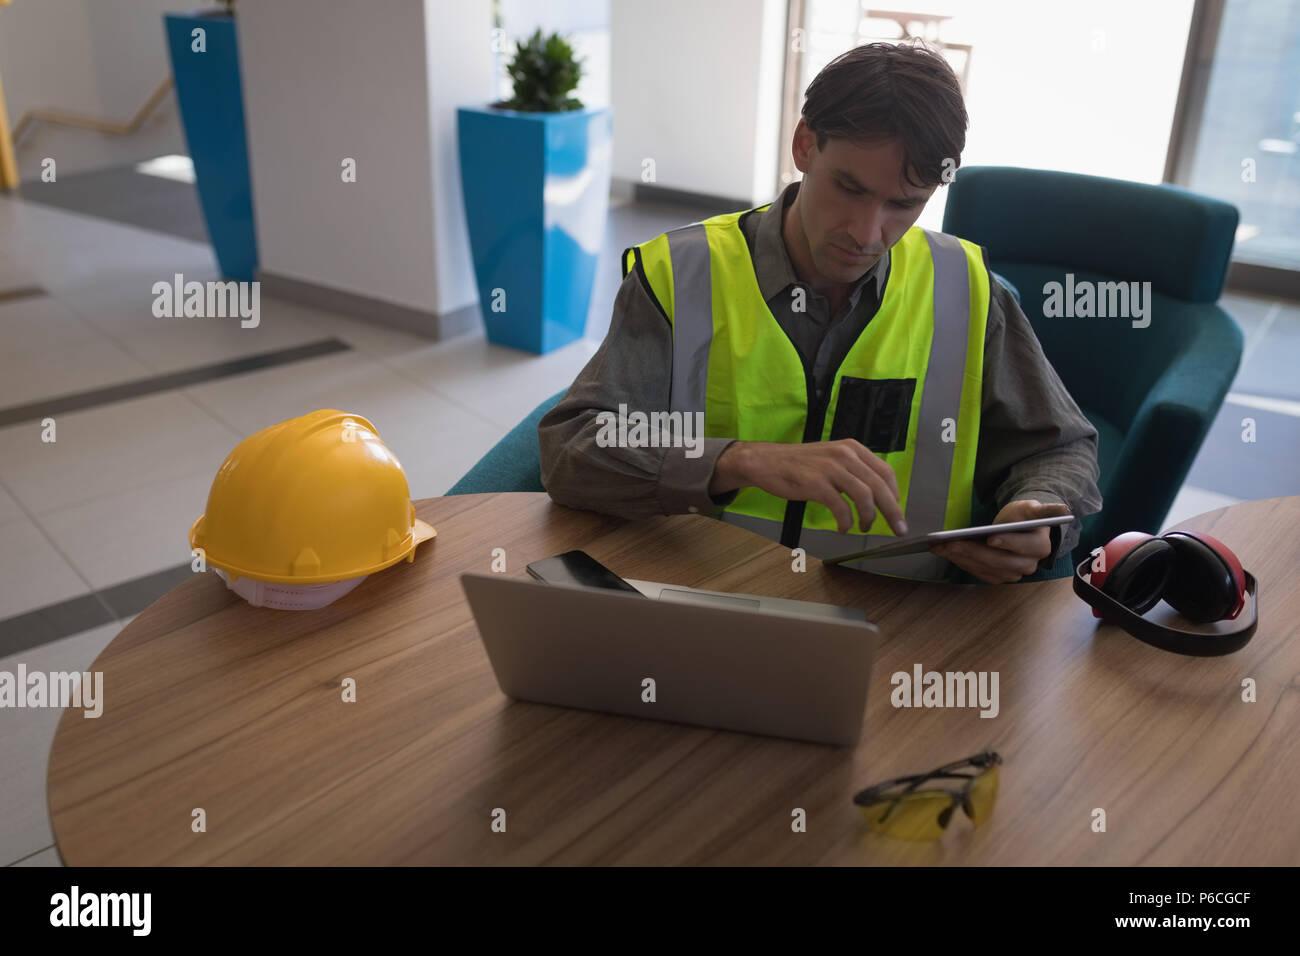 Male worker using digital tablet at desk Banque D'Images